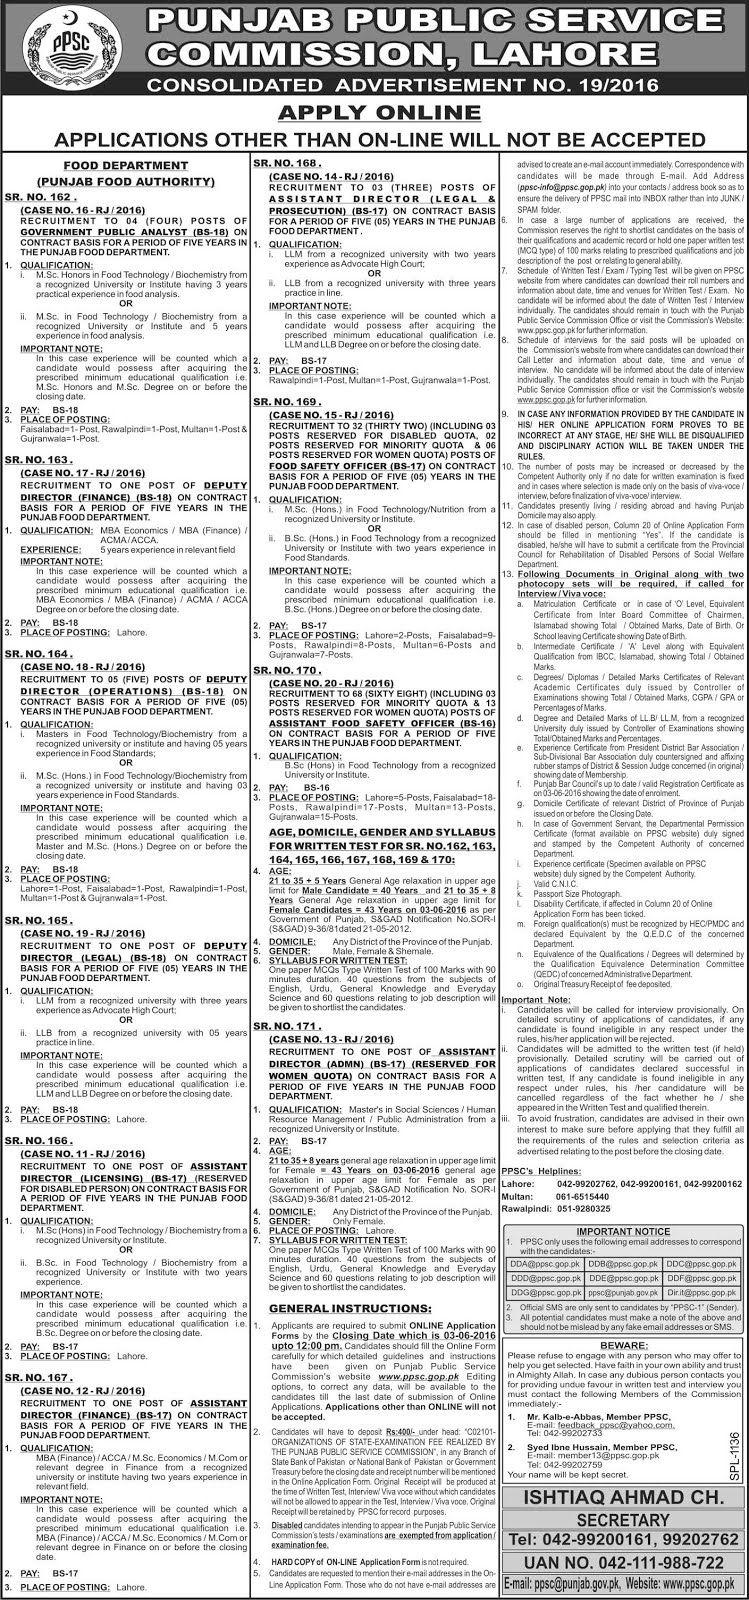 Punjab Public Service Commission Lahore (PPSC) Jobs Jobs